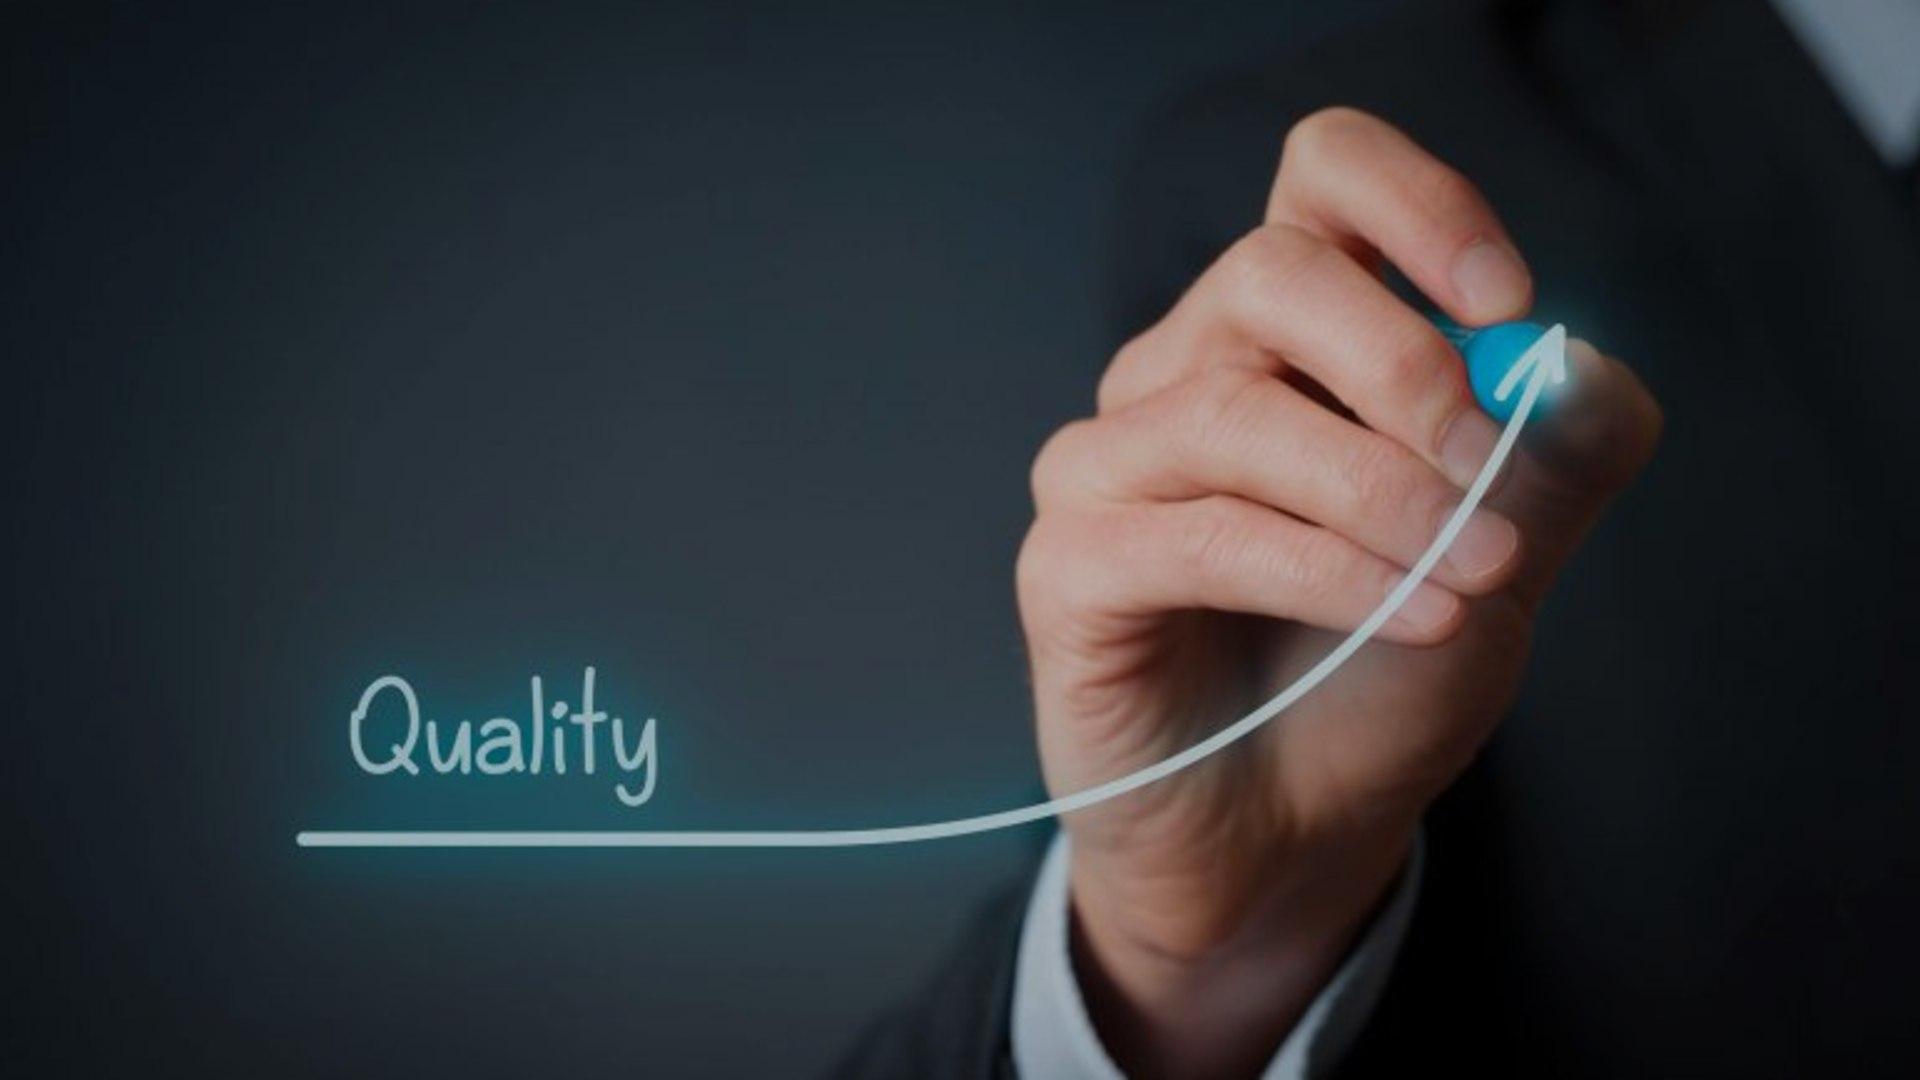 دارنده نشان مدیریت کیفیت ISO9001:2015